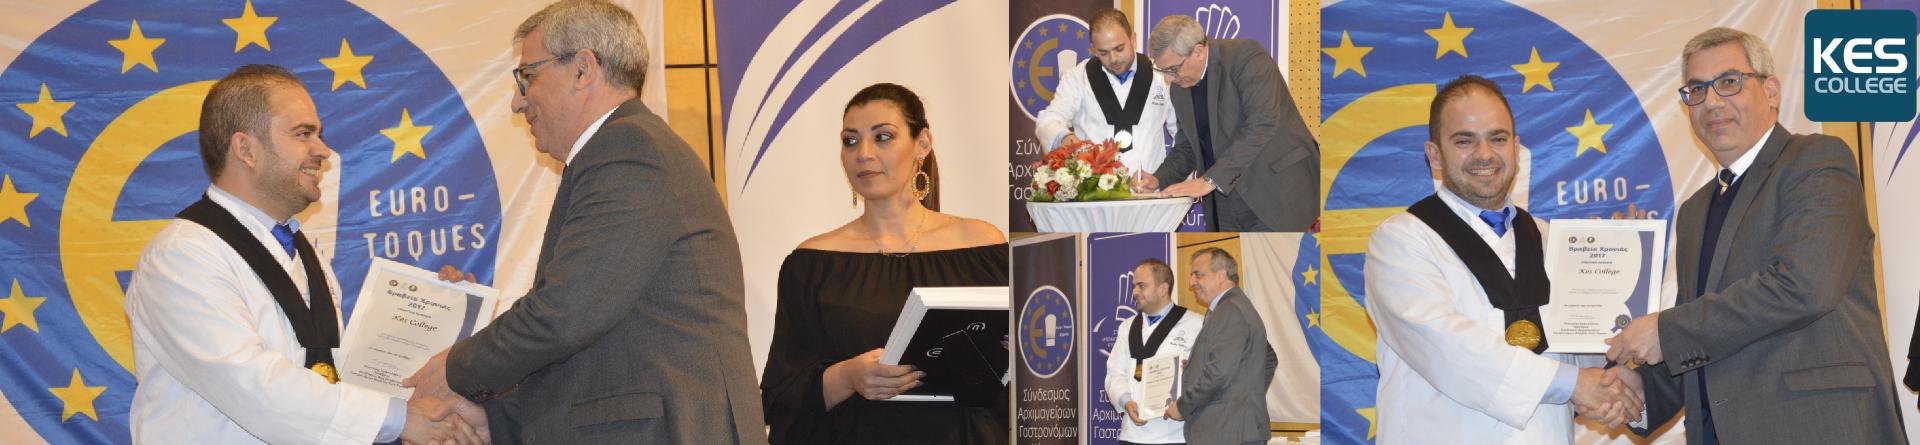 Υπογραφή Μνημονίου Αδελφοποίησης KES College - Σύνδεσμος Αρχιμαγείρων Κύπρου